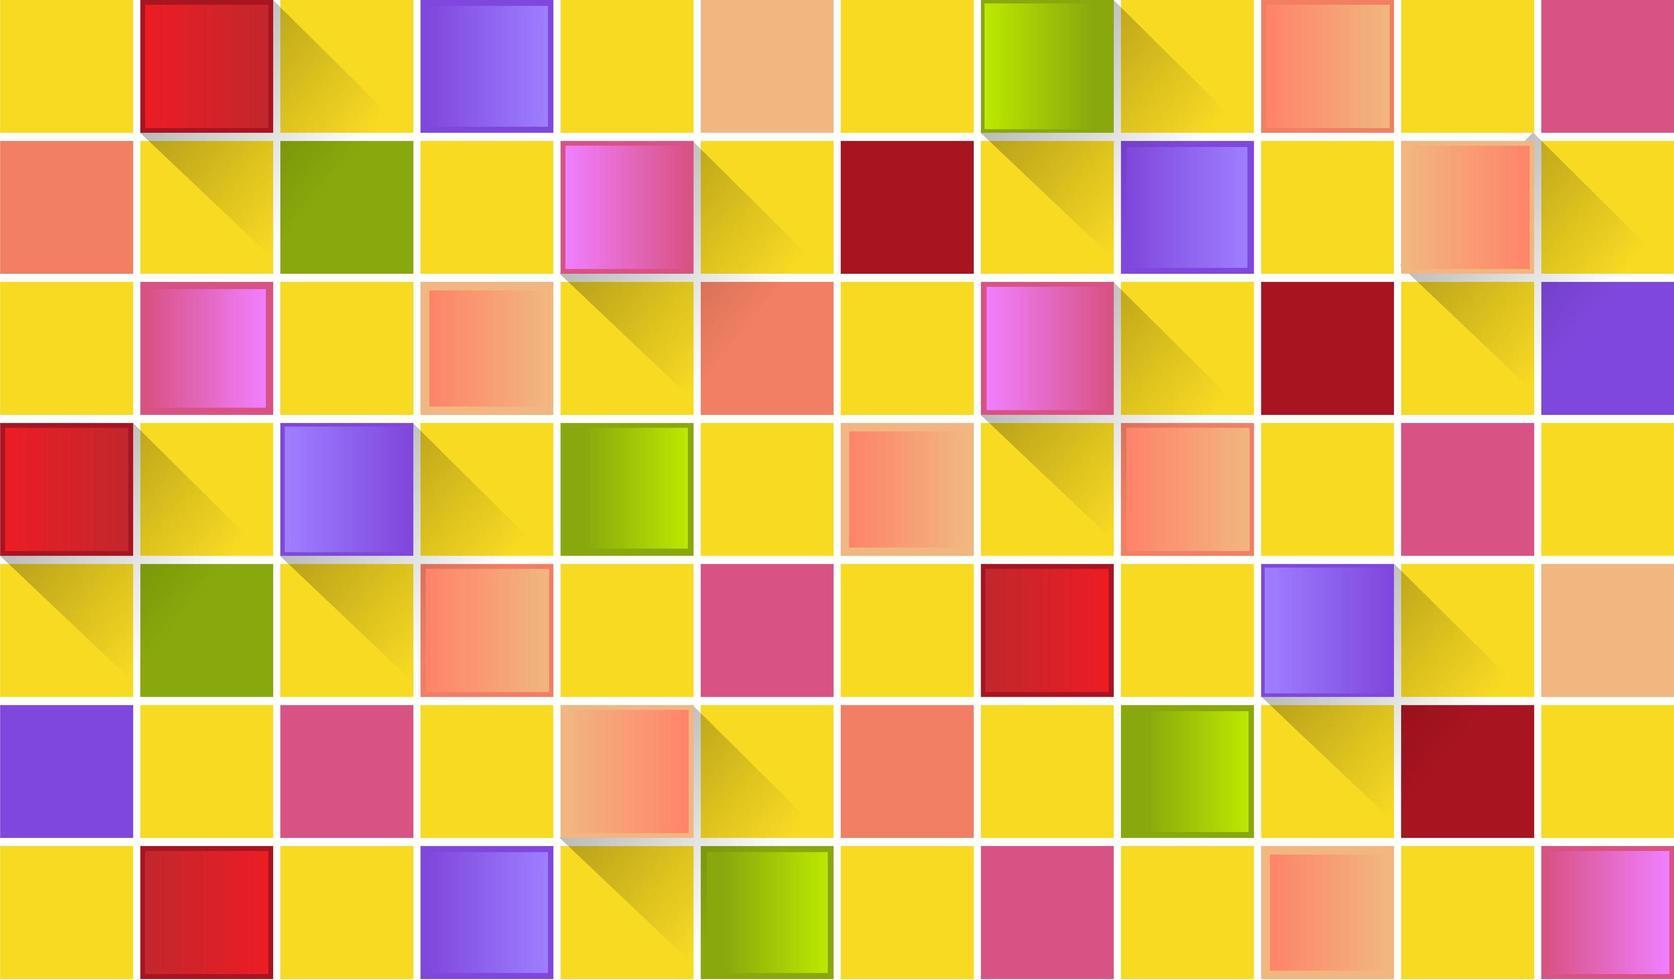 Fond D Ecran Carre Et Ombres Colores Telecharger Vectoriel Gratuit Clipart Graphique Vecteur Dessins Et Pictogramme Gratuit